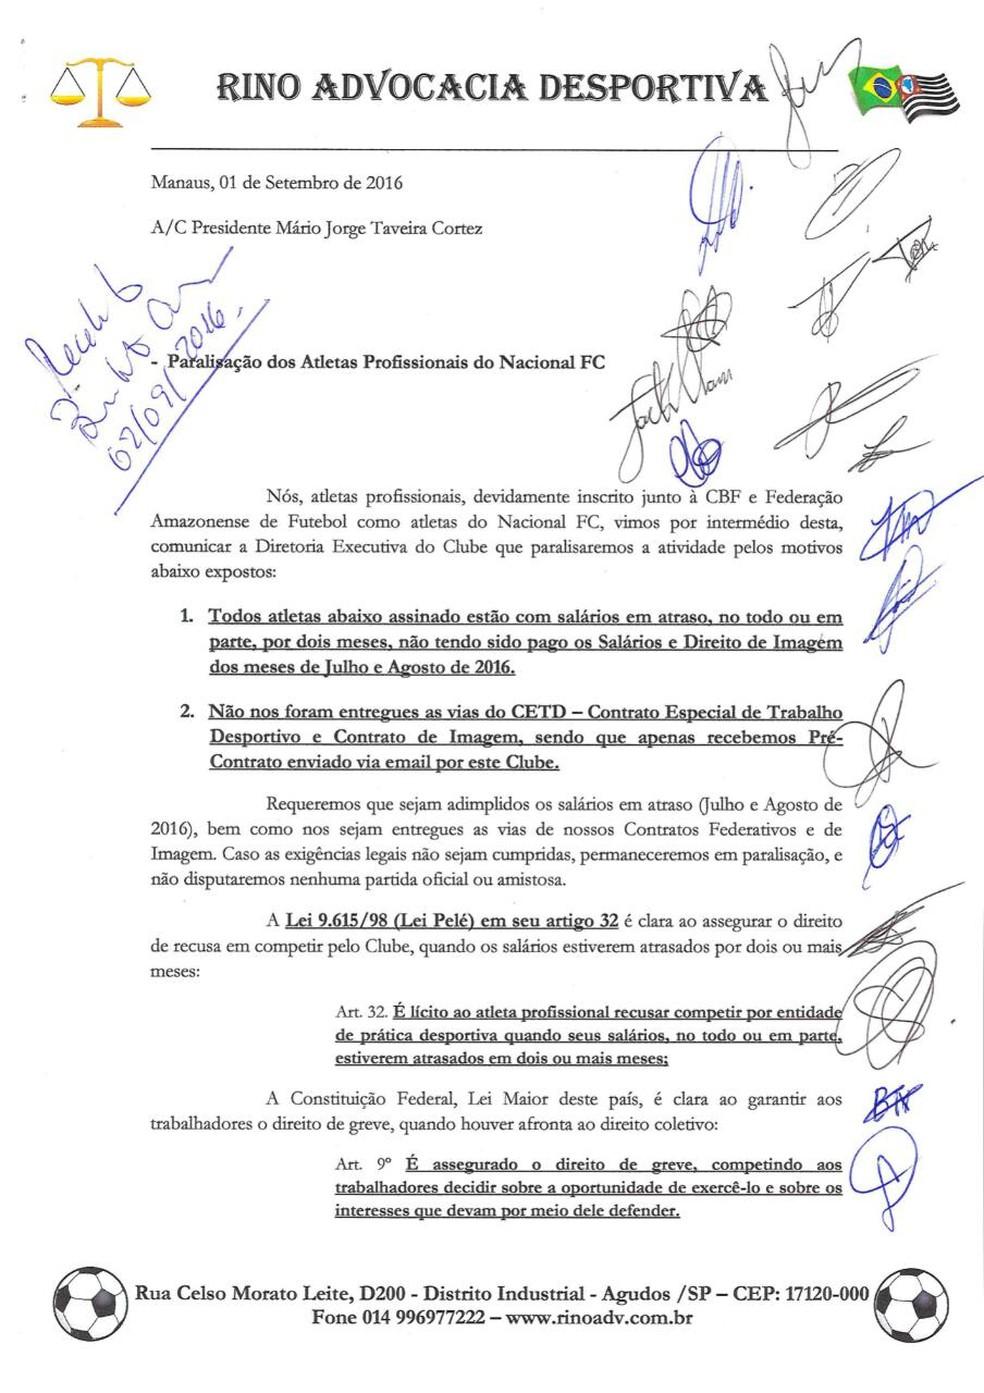 Jogadores do Nacional chegaram a oficializar greve em 2016 (Foto: Reprodução)